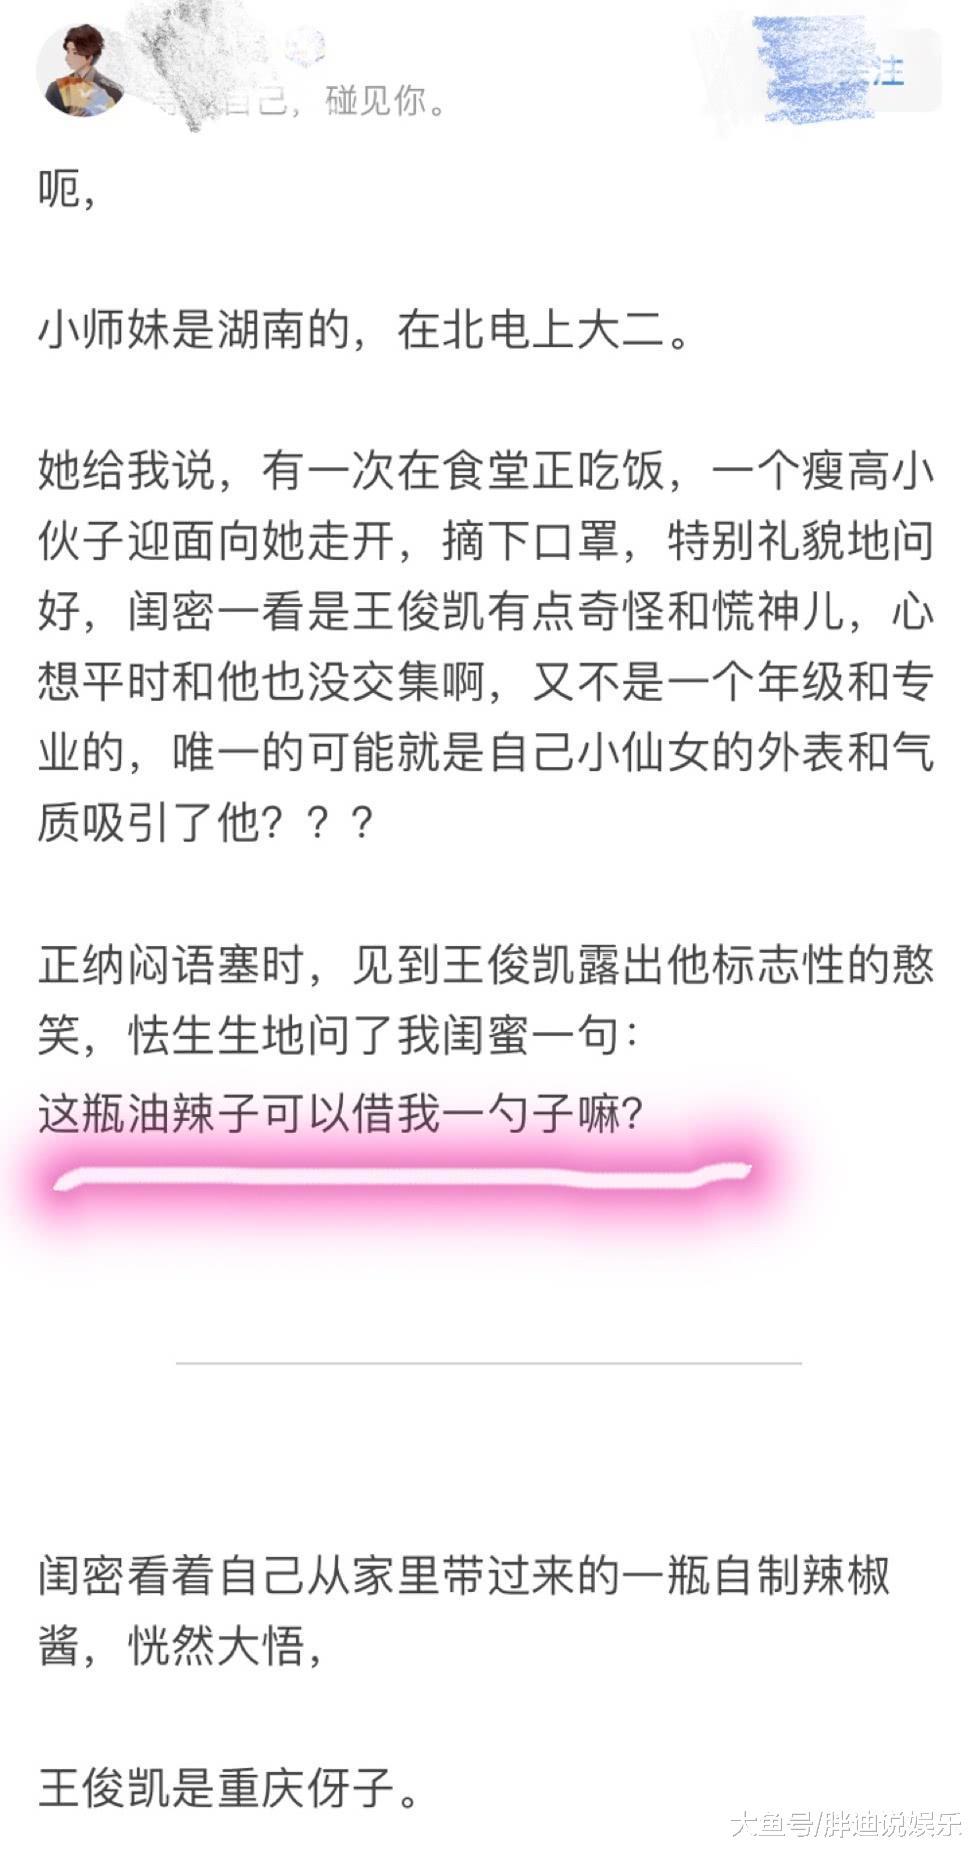 网曝王俊凯在教校食堂自动跟女死搭话, 得知说话内容后: 活暂睹!